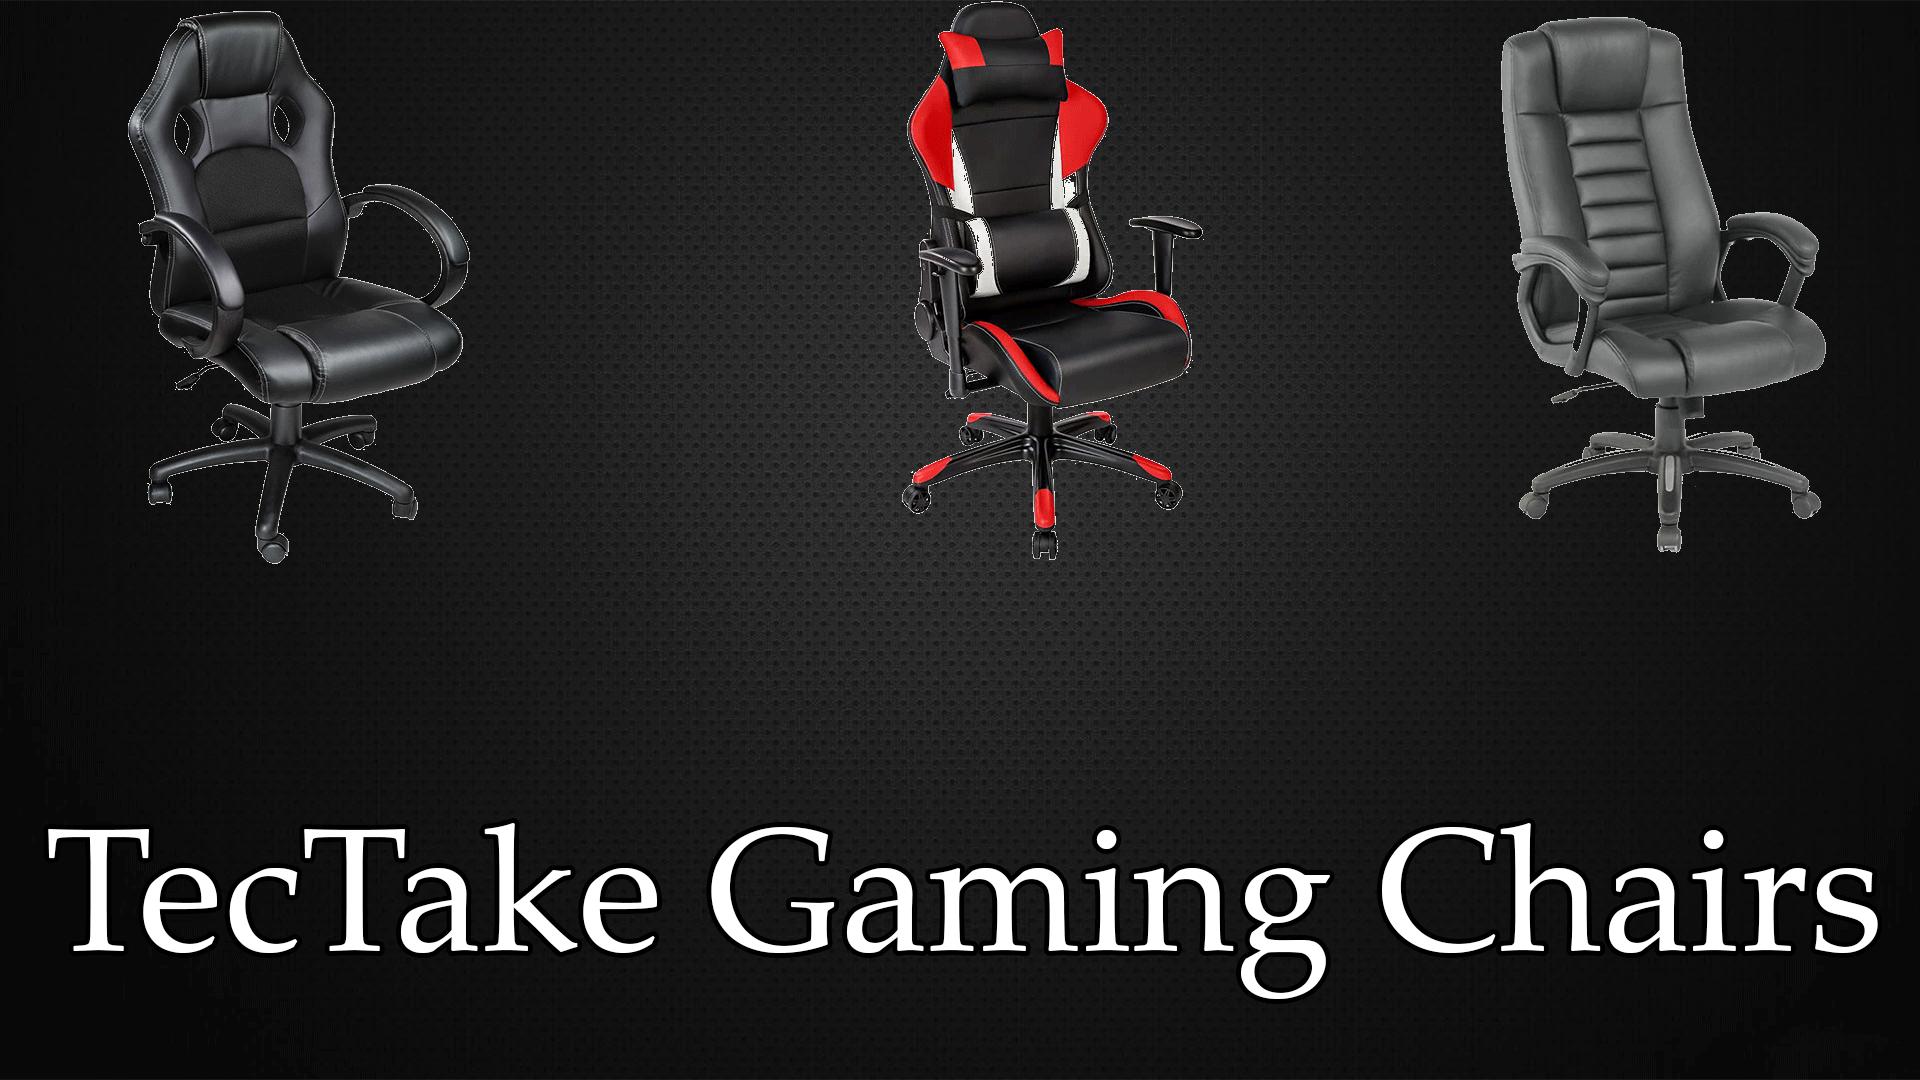 Tectake gaming chair image